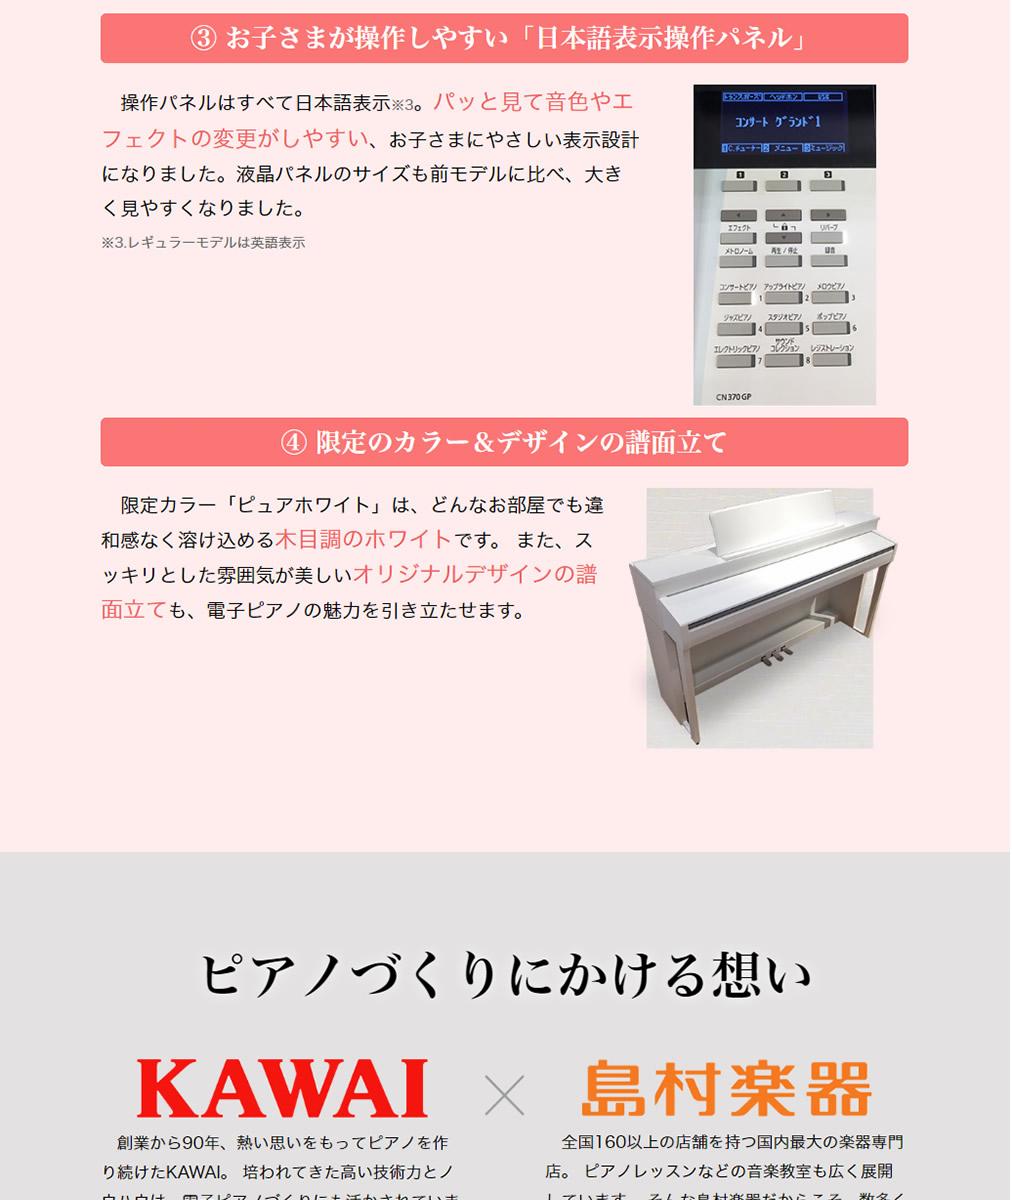 日本語表示パネルと限定色ピュアホワイト